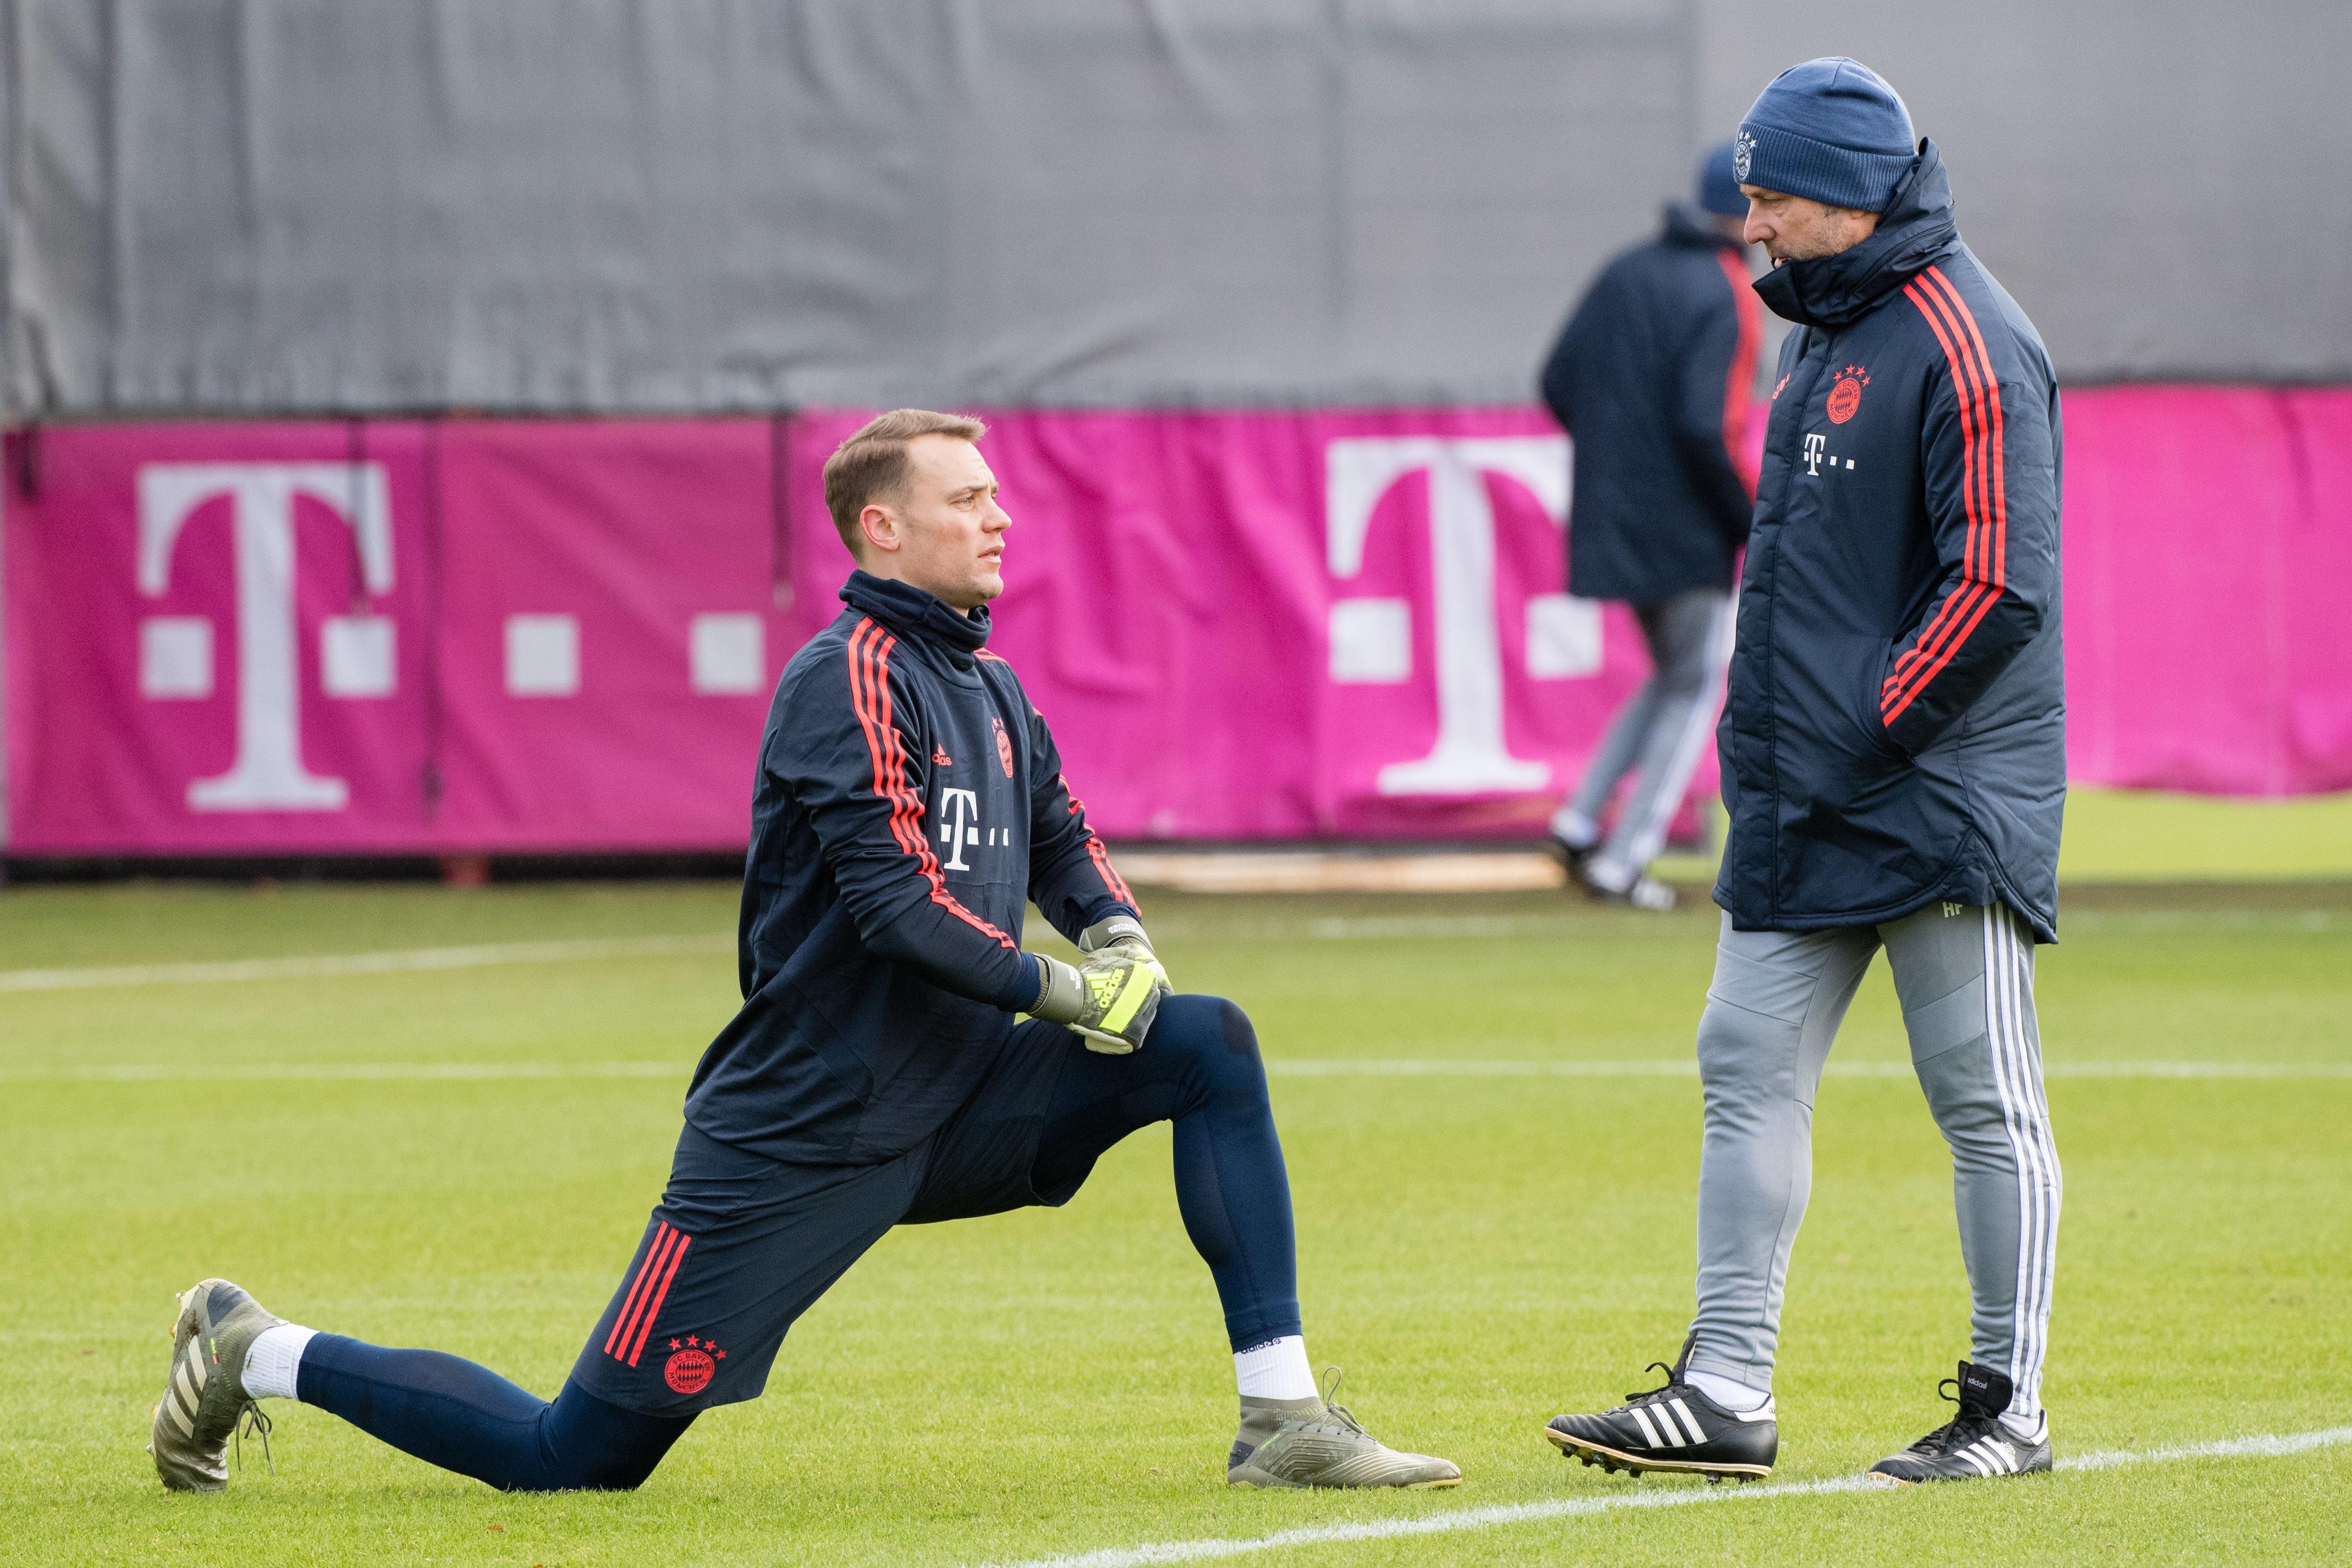 Gemeinsam für den FC Bayern: Kapitän Manuel Neuer (li.) und Trainer Hansi Flick.